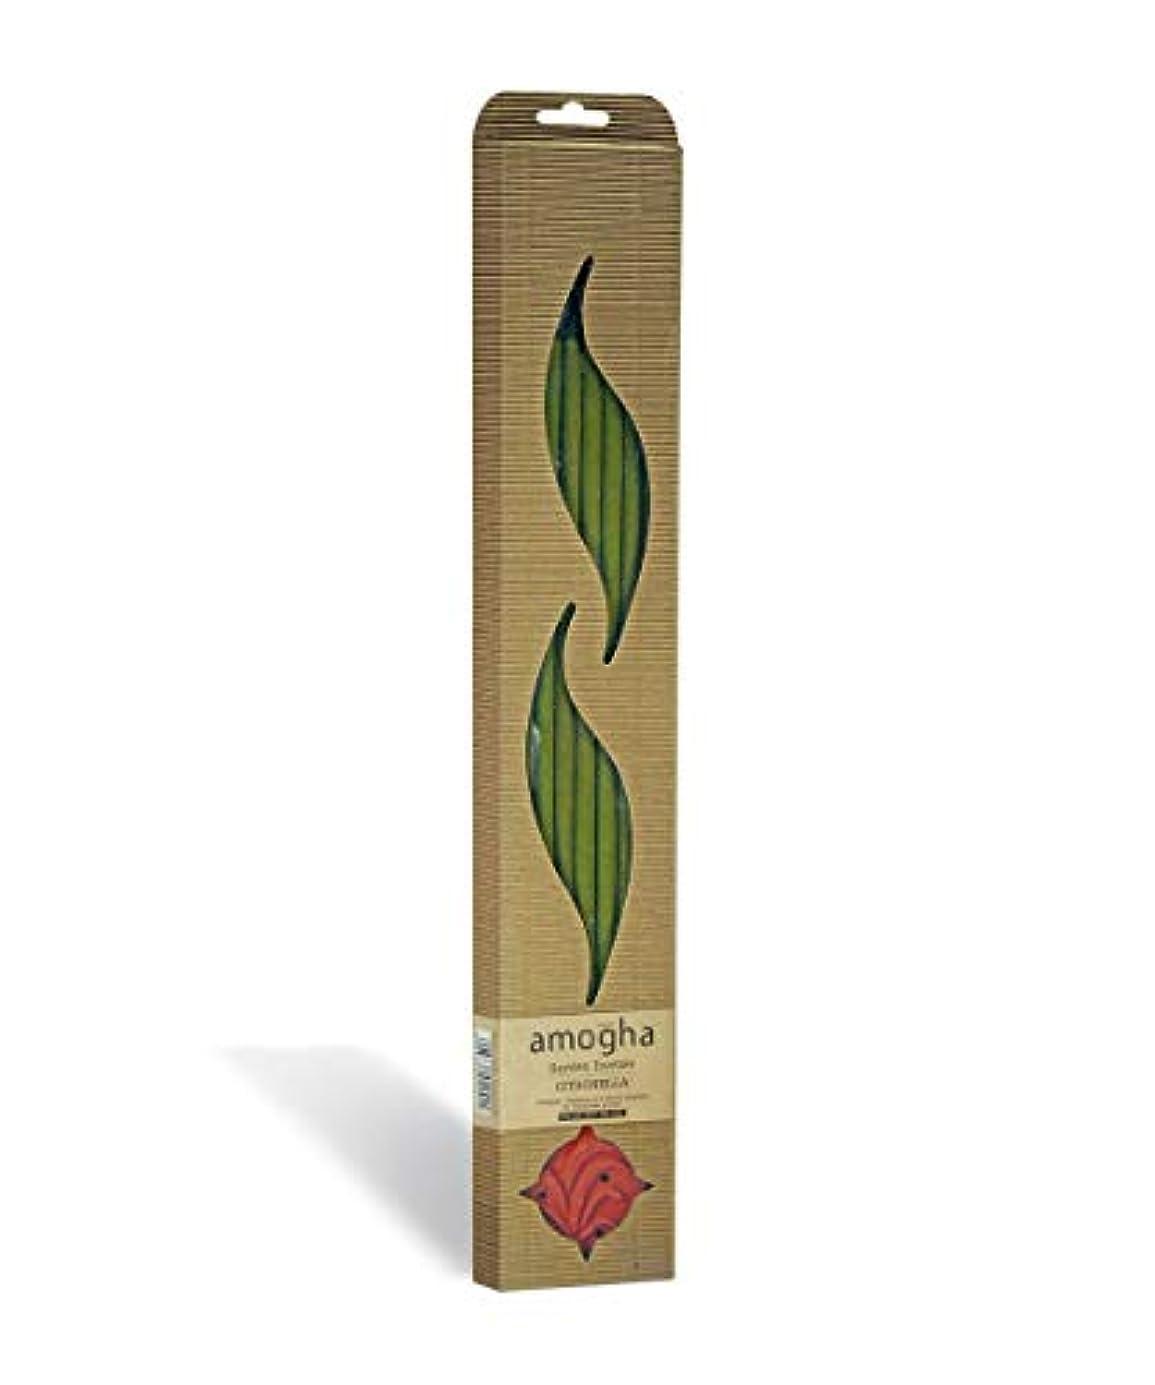 カプセルキャンパス気難しいIris Amogha Citronella Bamboo Incense Stick Set (8.8 cm x 2.5 cm x 53.3 cm, Green)